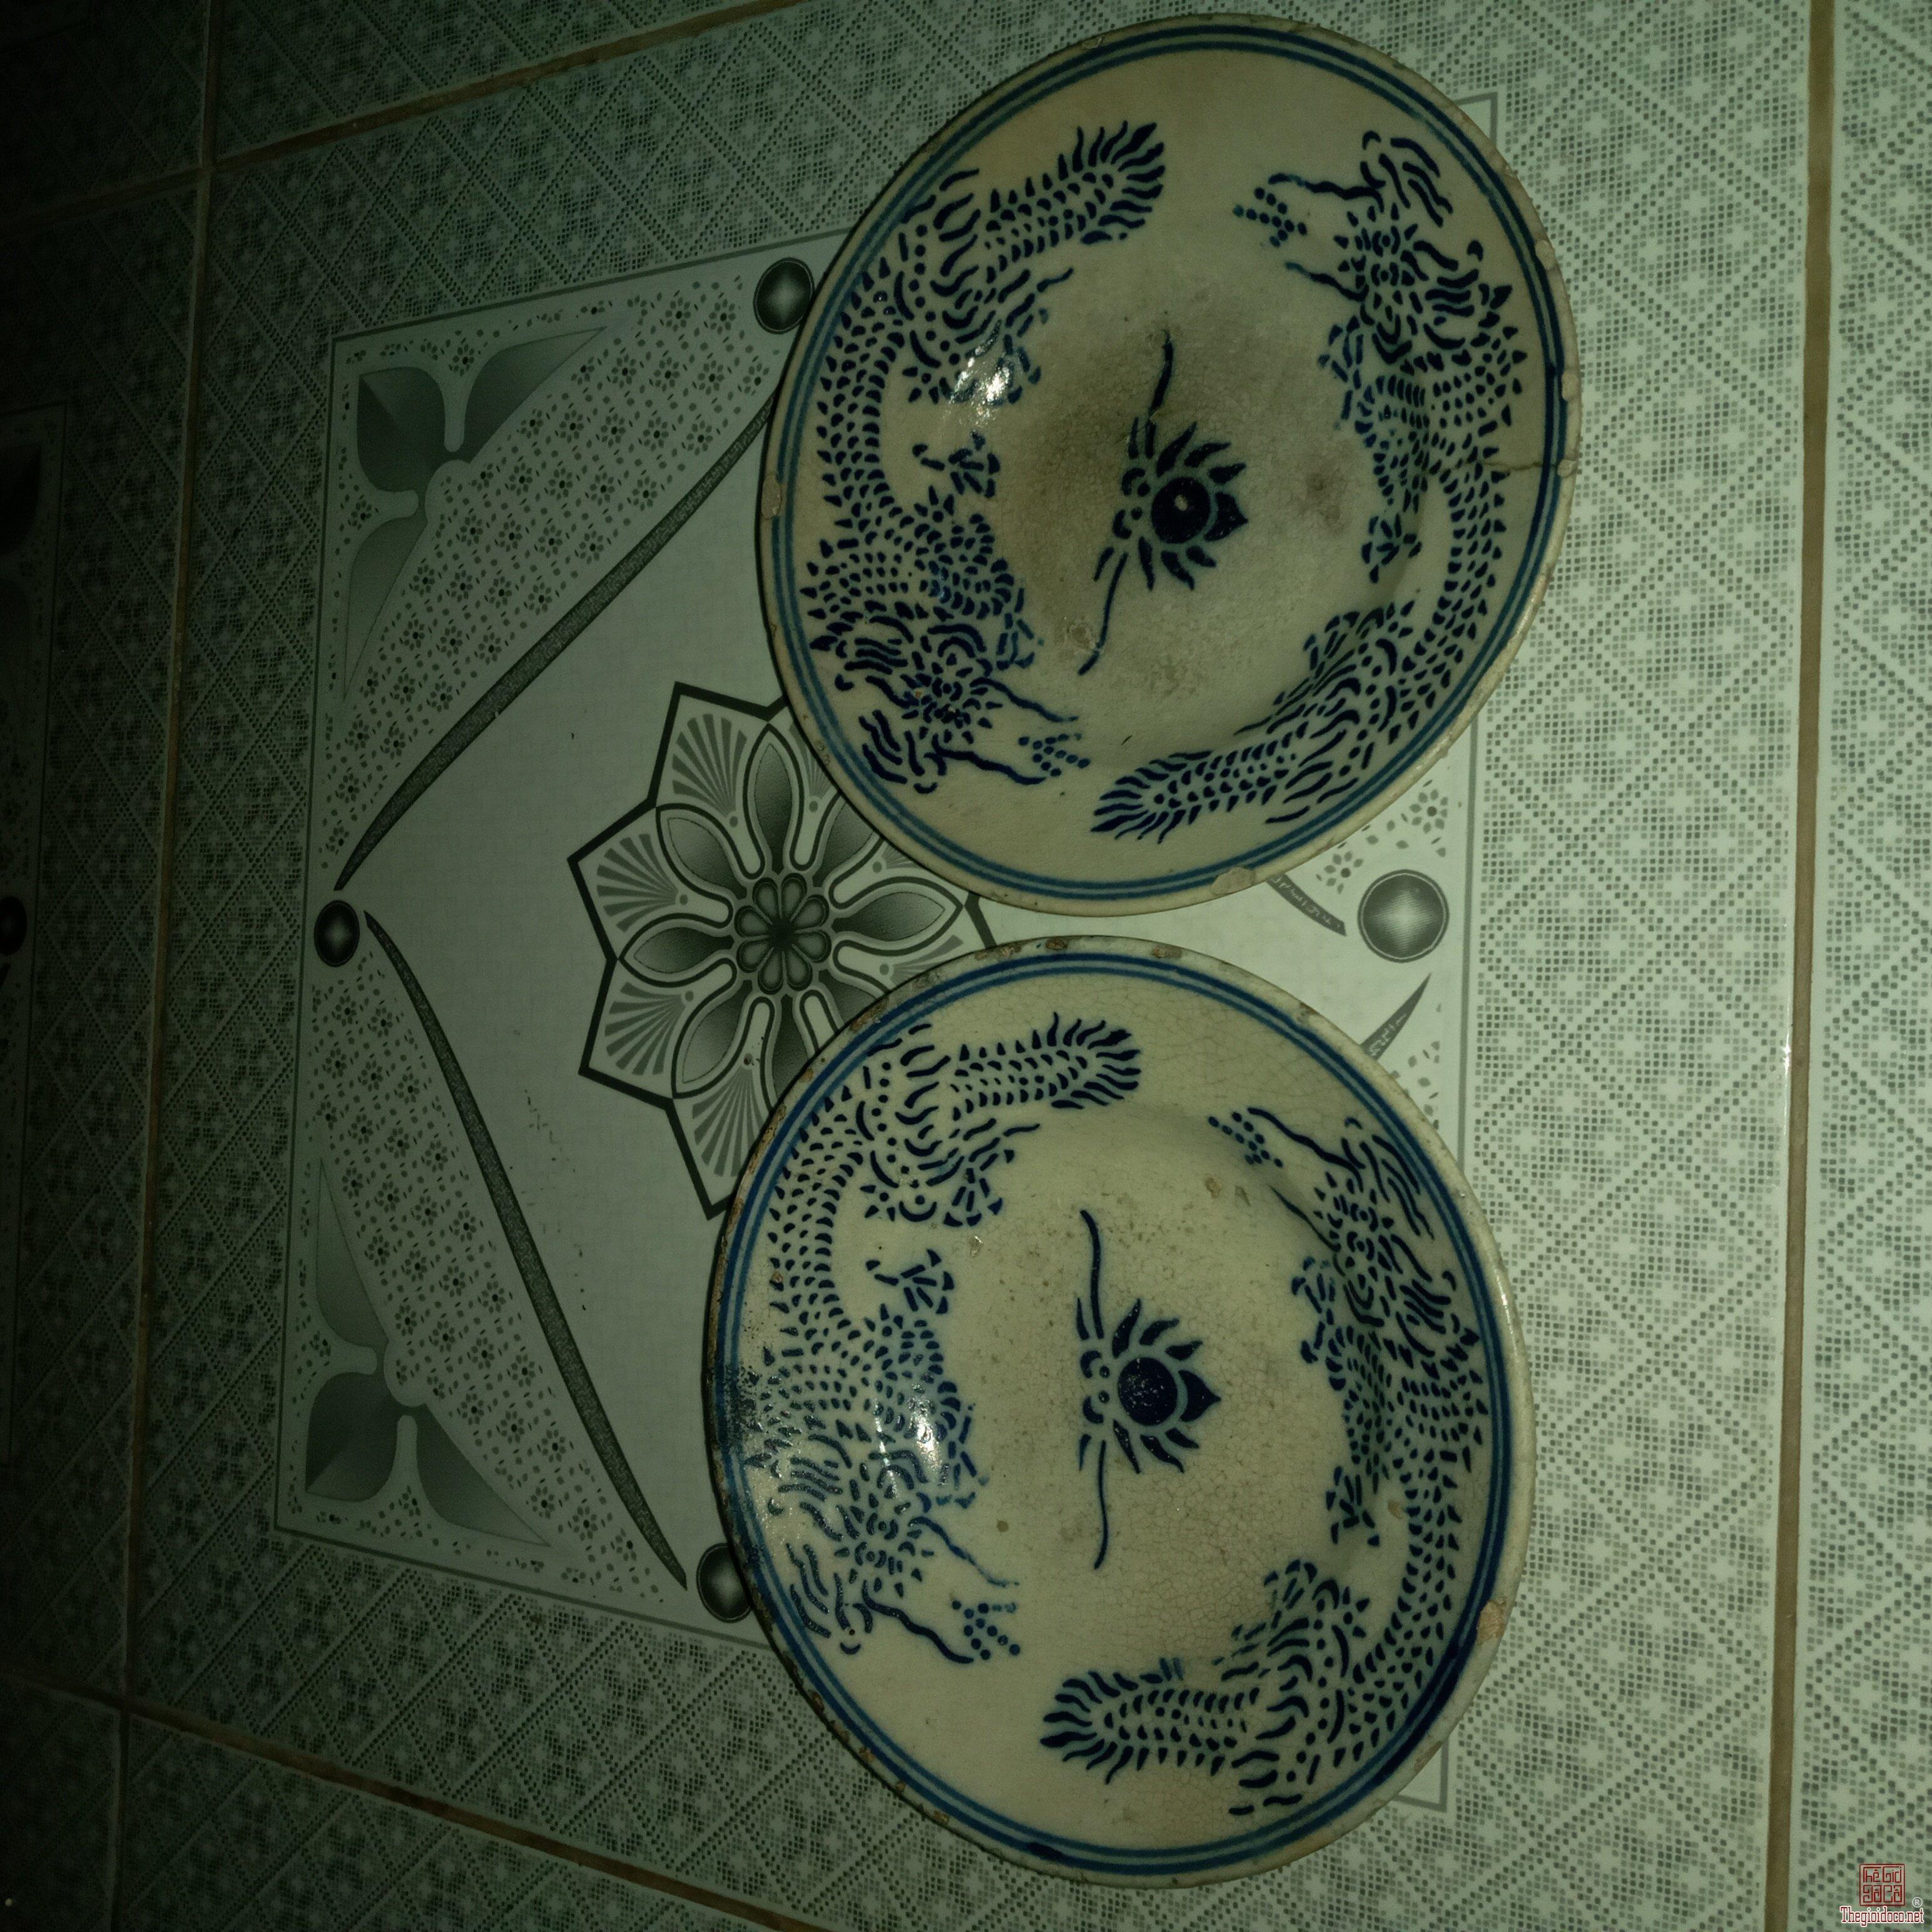 Giao lưu:2 Dĩa Rồng Chuẩn Xưa Song Long Chầu Nguyệt,15,5cm